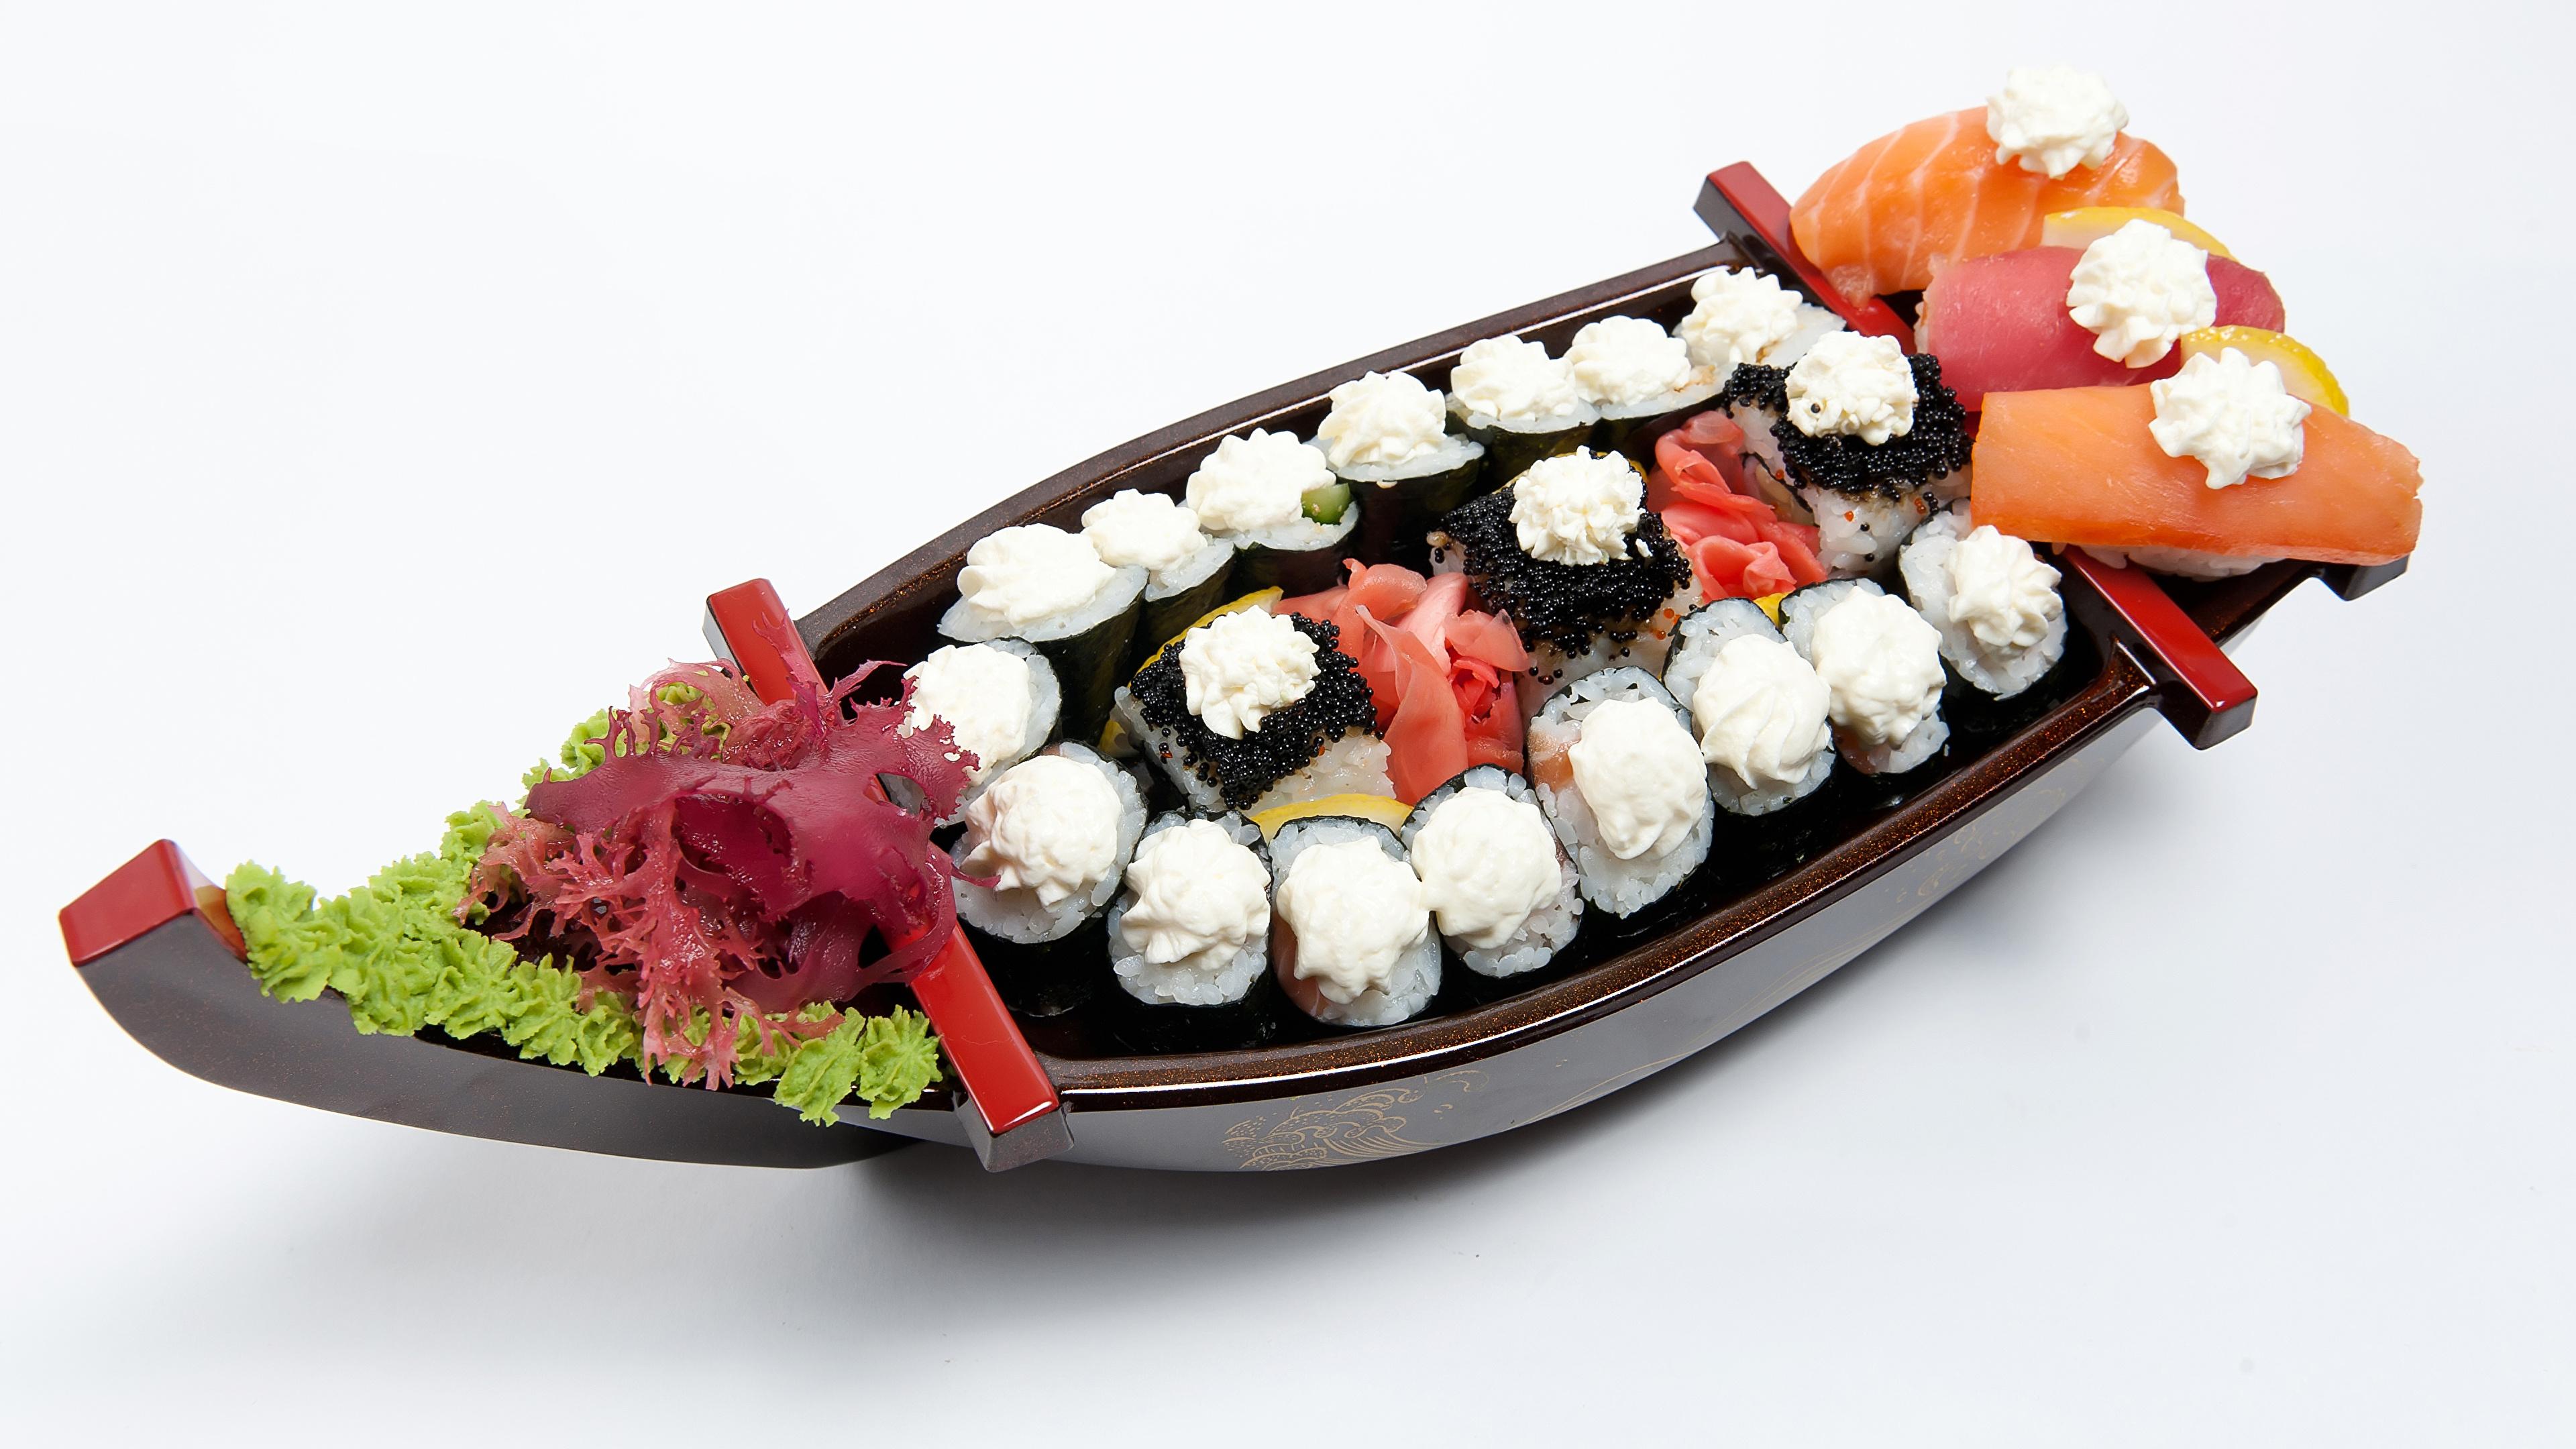 Картинка Суши Еда Овощи Лодки Белый фон Морепродукты 3840x2160 суси Пища Продукты питания белом фоне белым фоном